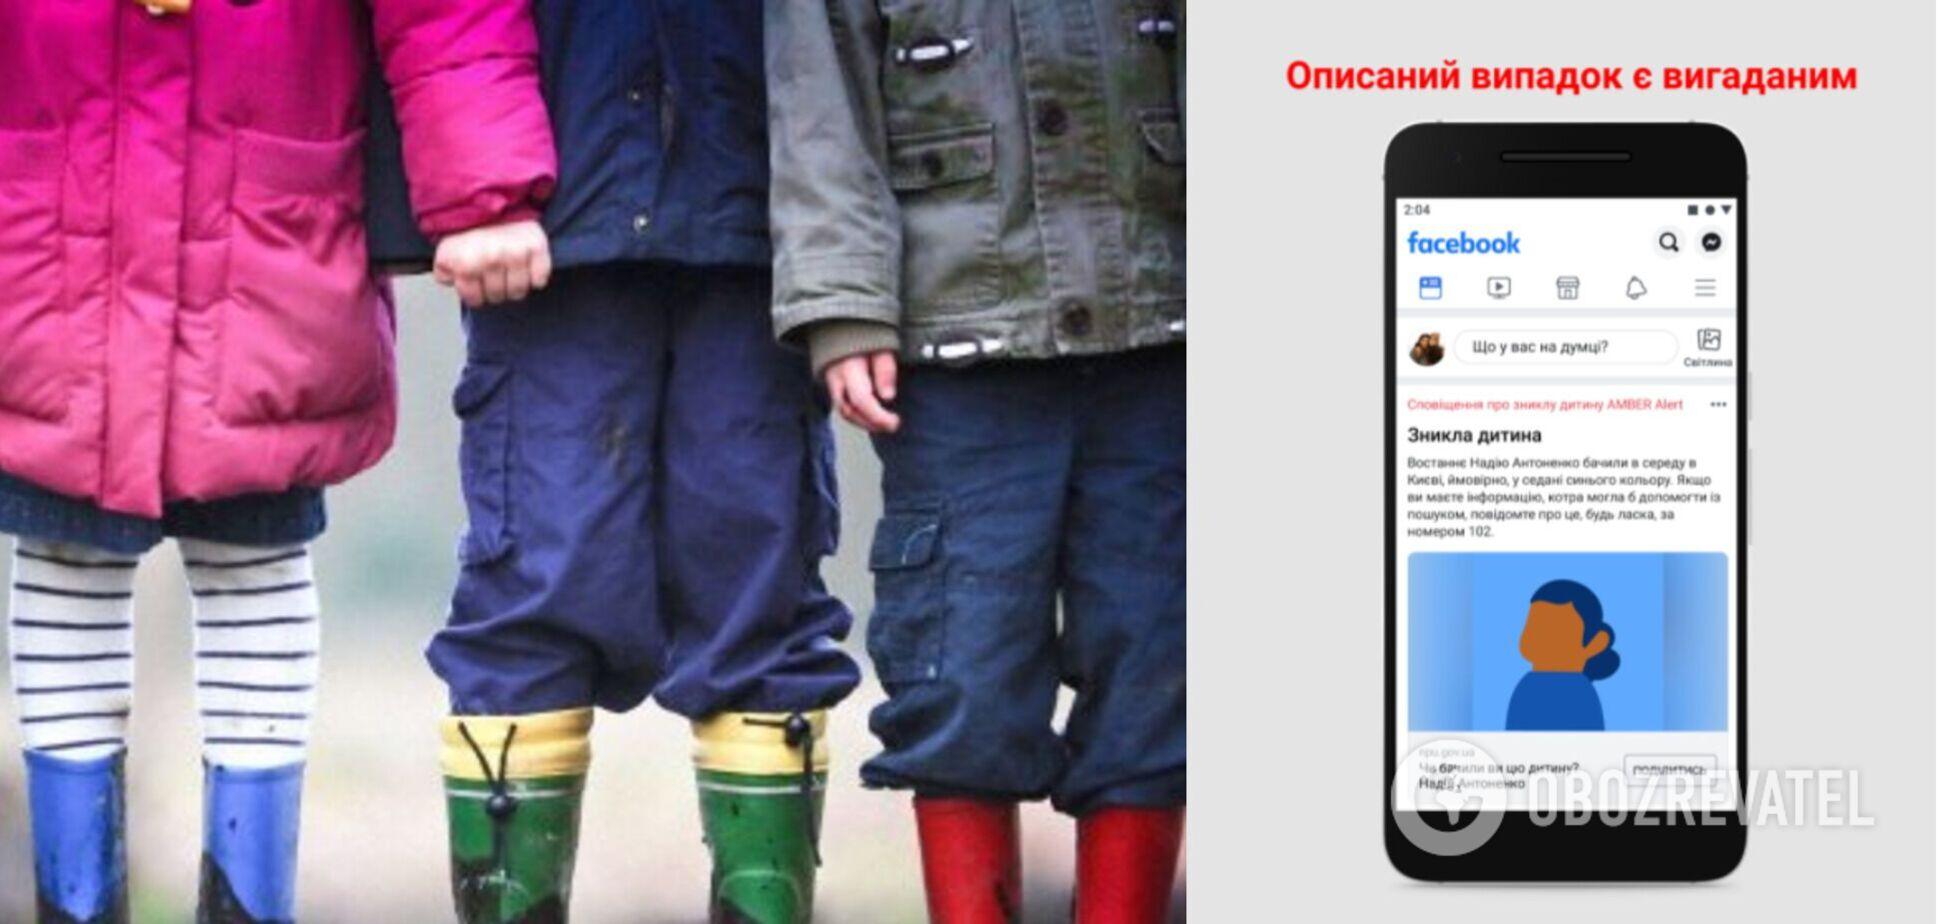 В Украине запустили Facebook Amber Alert: как он поможет находить пропавших детей